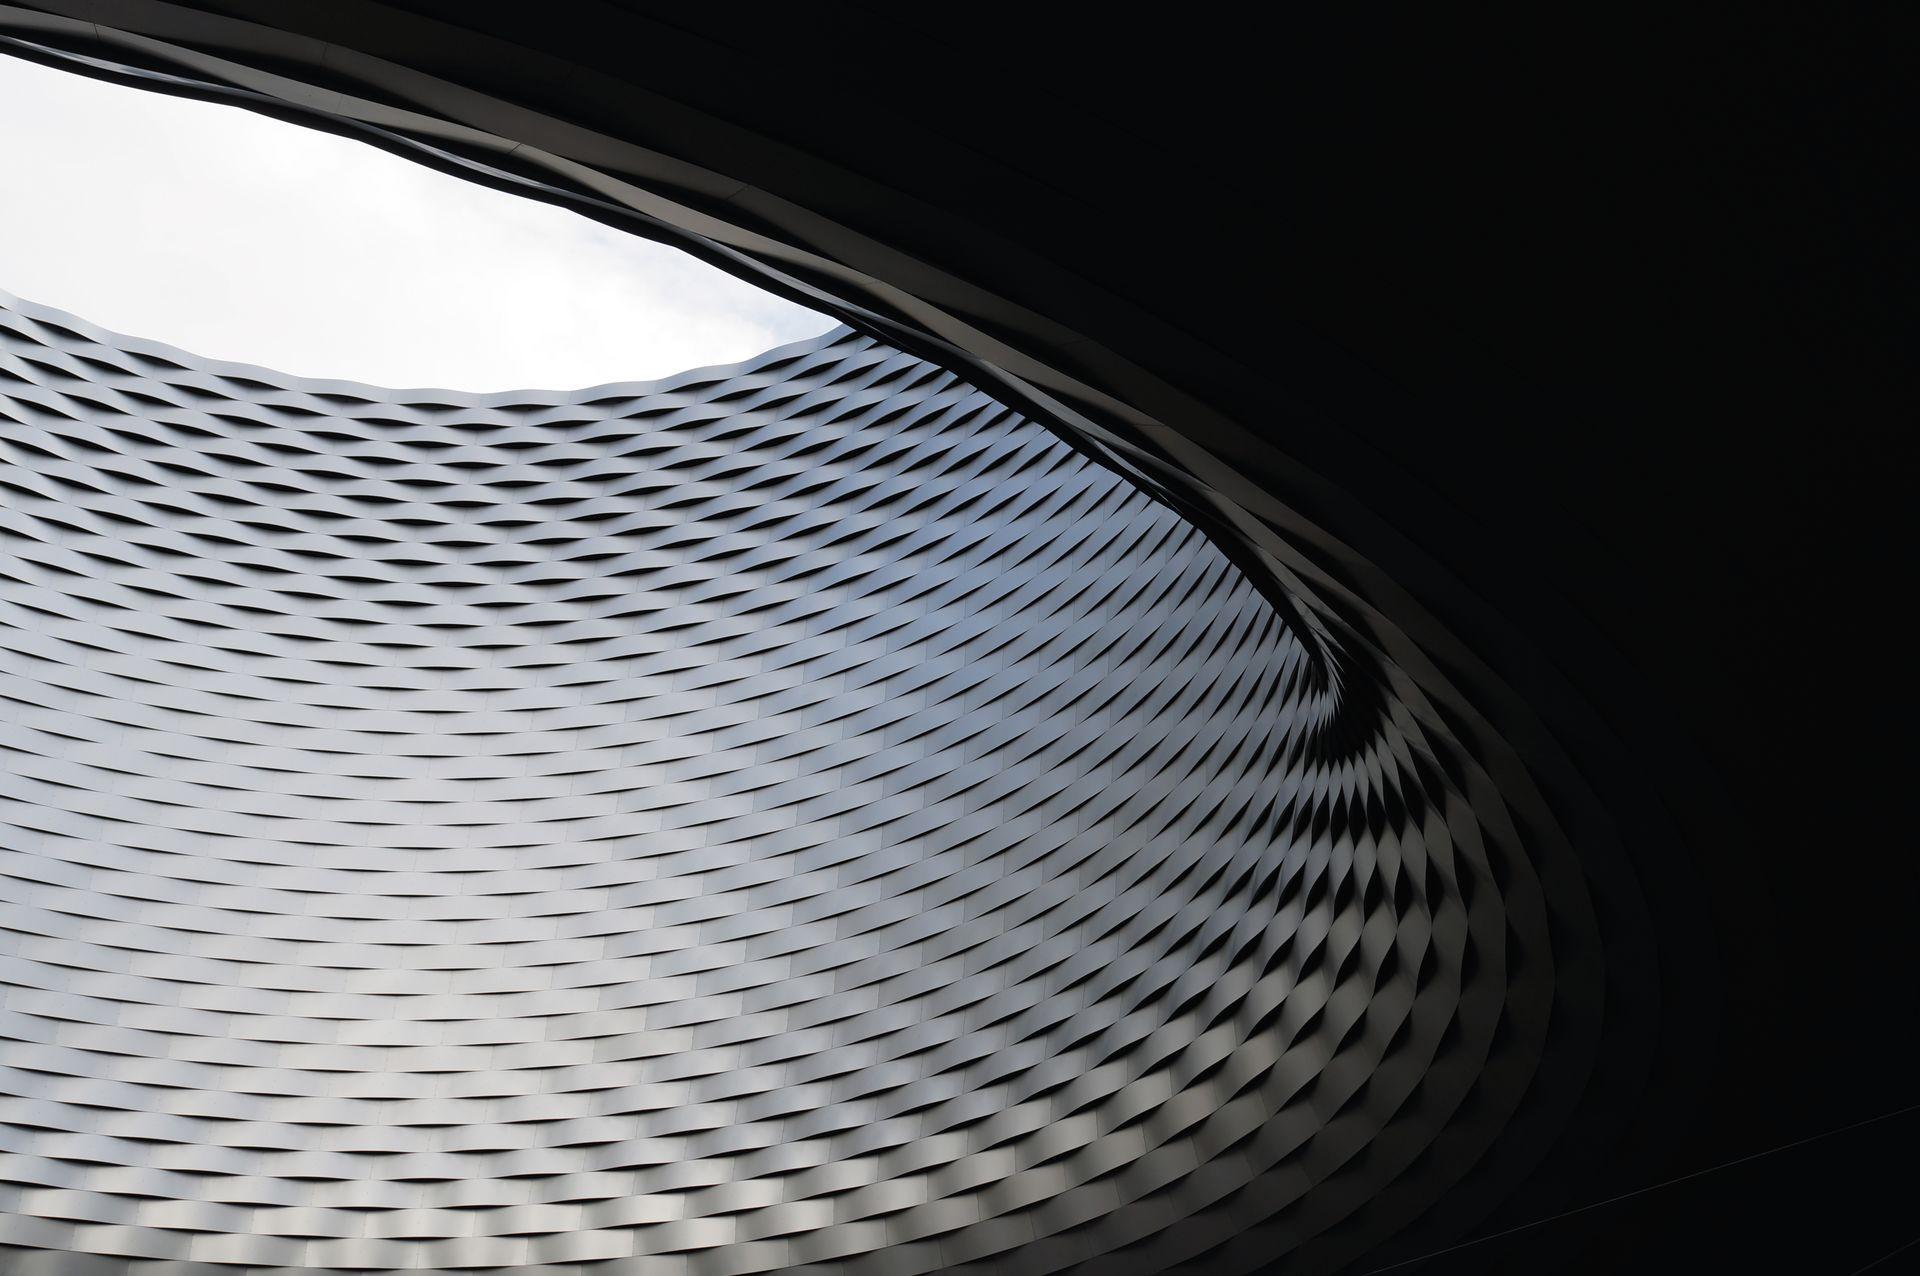 Das Skylight 'Fenster zum Himmel' des in Aluminium gekleideten Neubaus der Messe Basel, designed von Herzog & de Meuron, prägt den Messeplatz.   ///   The Skylight 'Window to the heavens' of the aluminium-clad new building at Basel's exhibition centre by Herzog & de Meuron shapes the Exhibition Square.